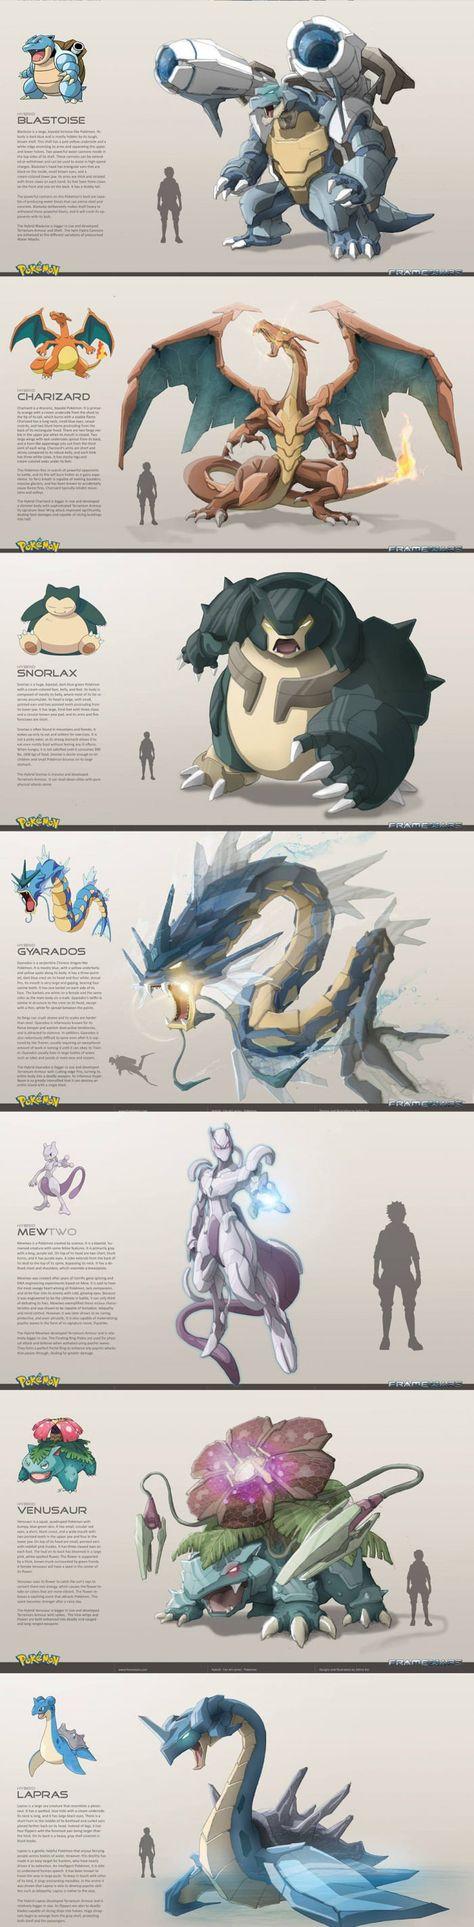 Mechanized Pokemon, so badass (By Frame Wars)